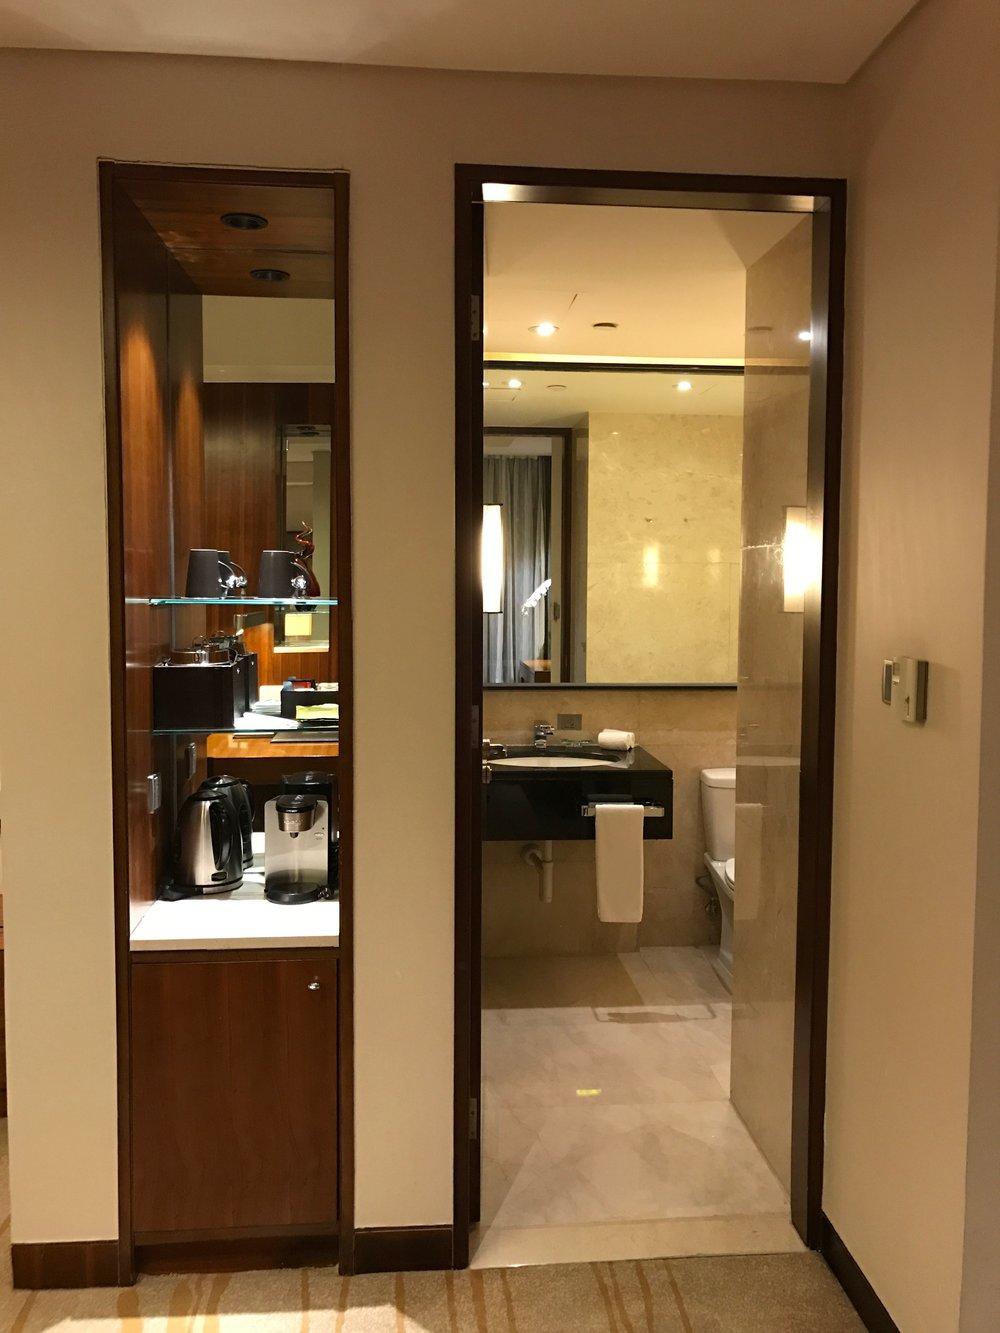 Executive Renewal Suite - guest bathroom entrance